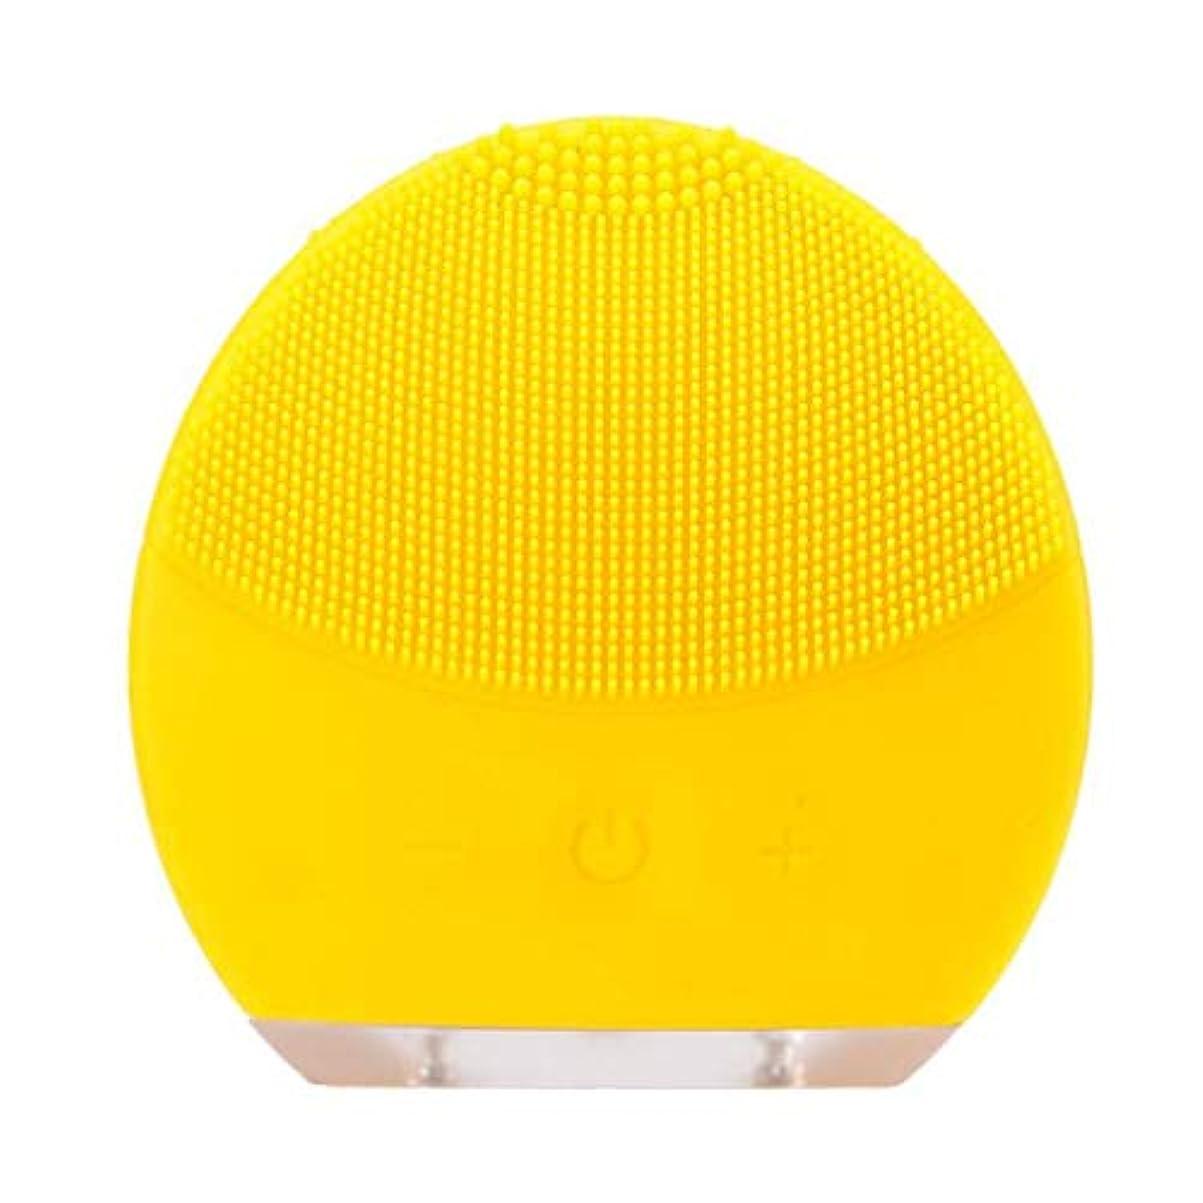 崇拝します重要な胸超音波振動美容機器洗浄器、皮膚の毛穴を最小限に抑えるマイクロダーマブレーション毛穴、USB 充電と防水,Yellow